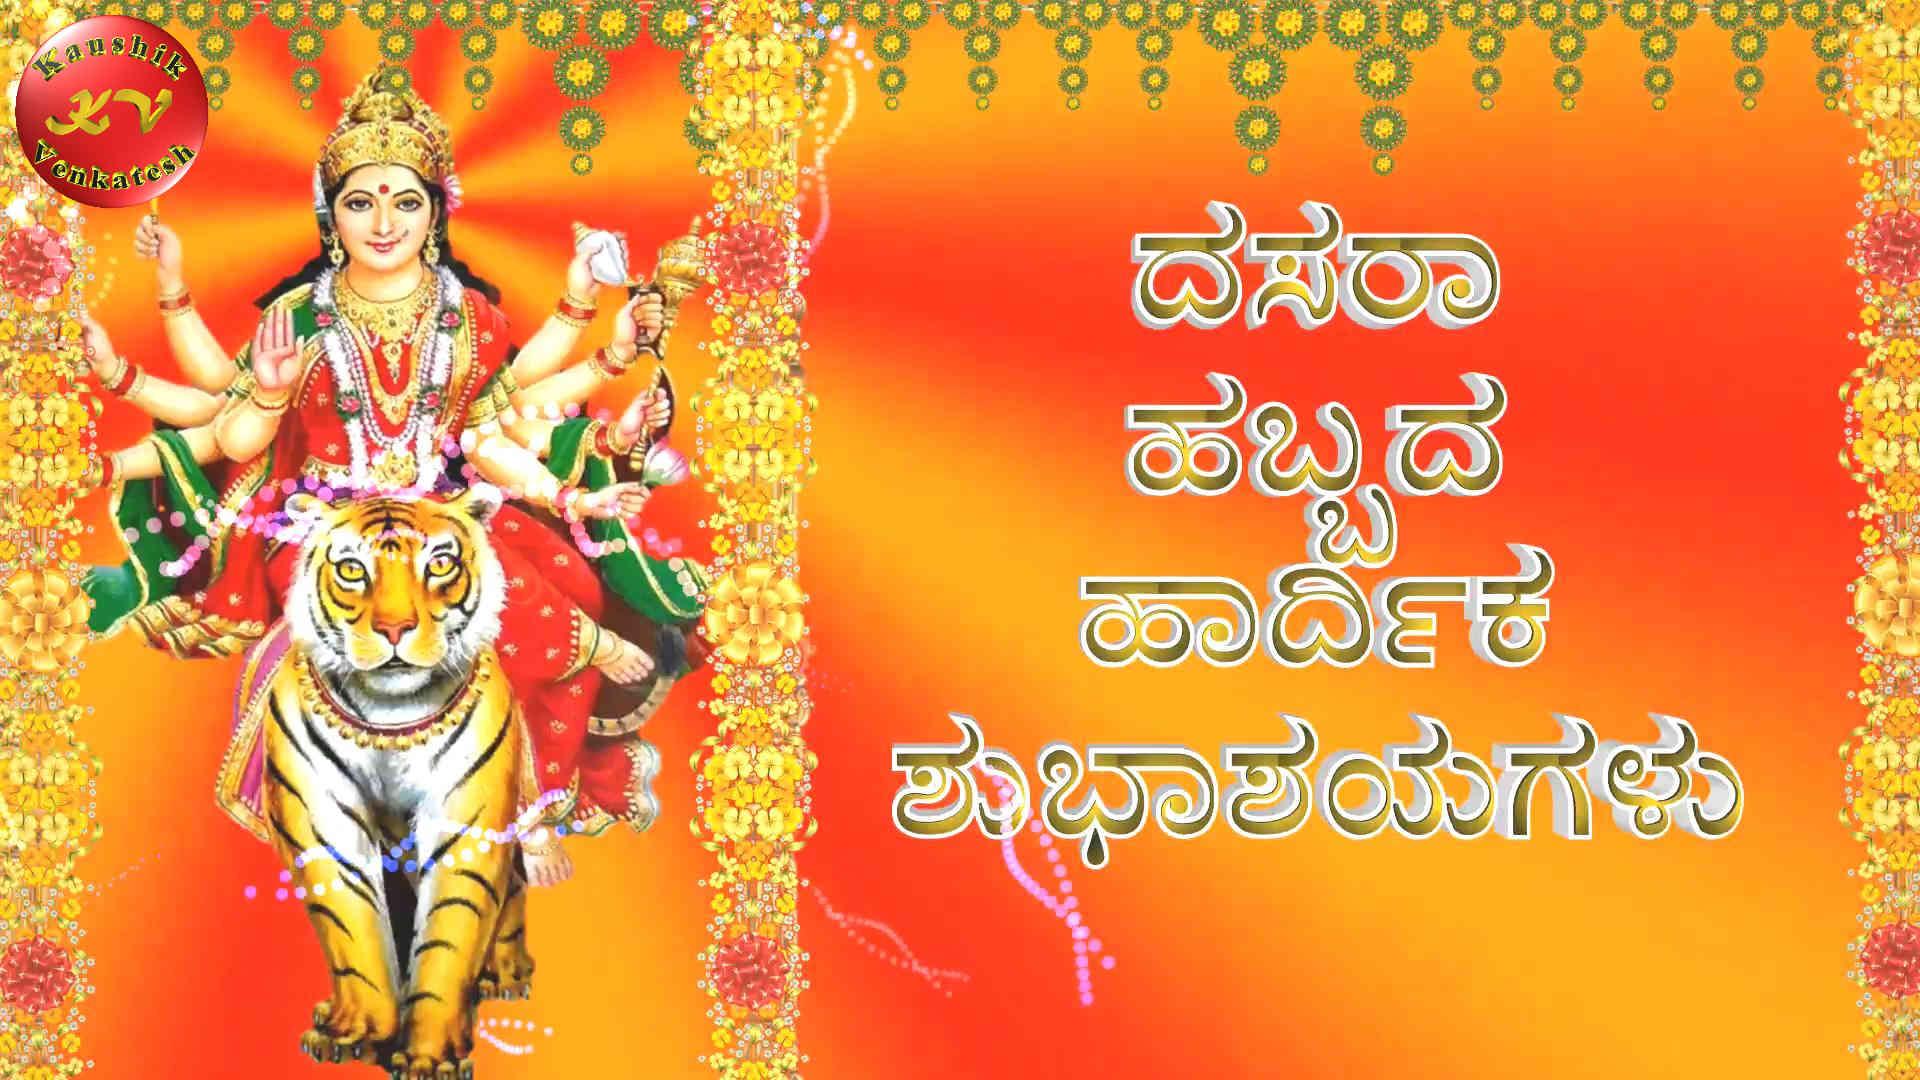 Dasara Images in Kannada